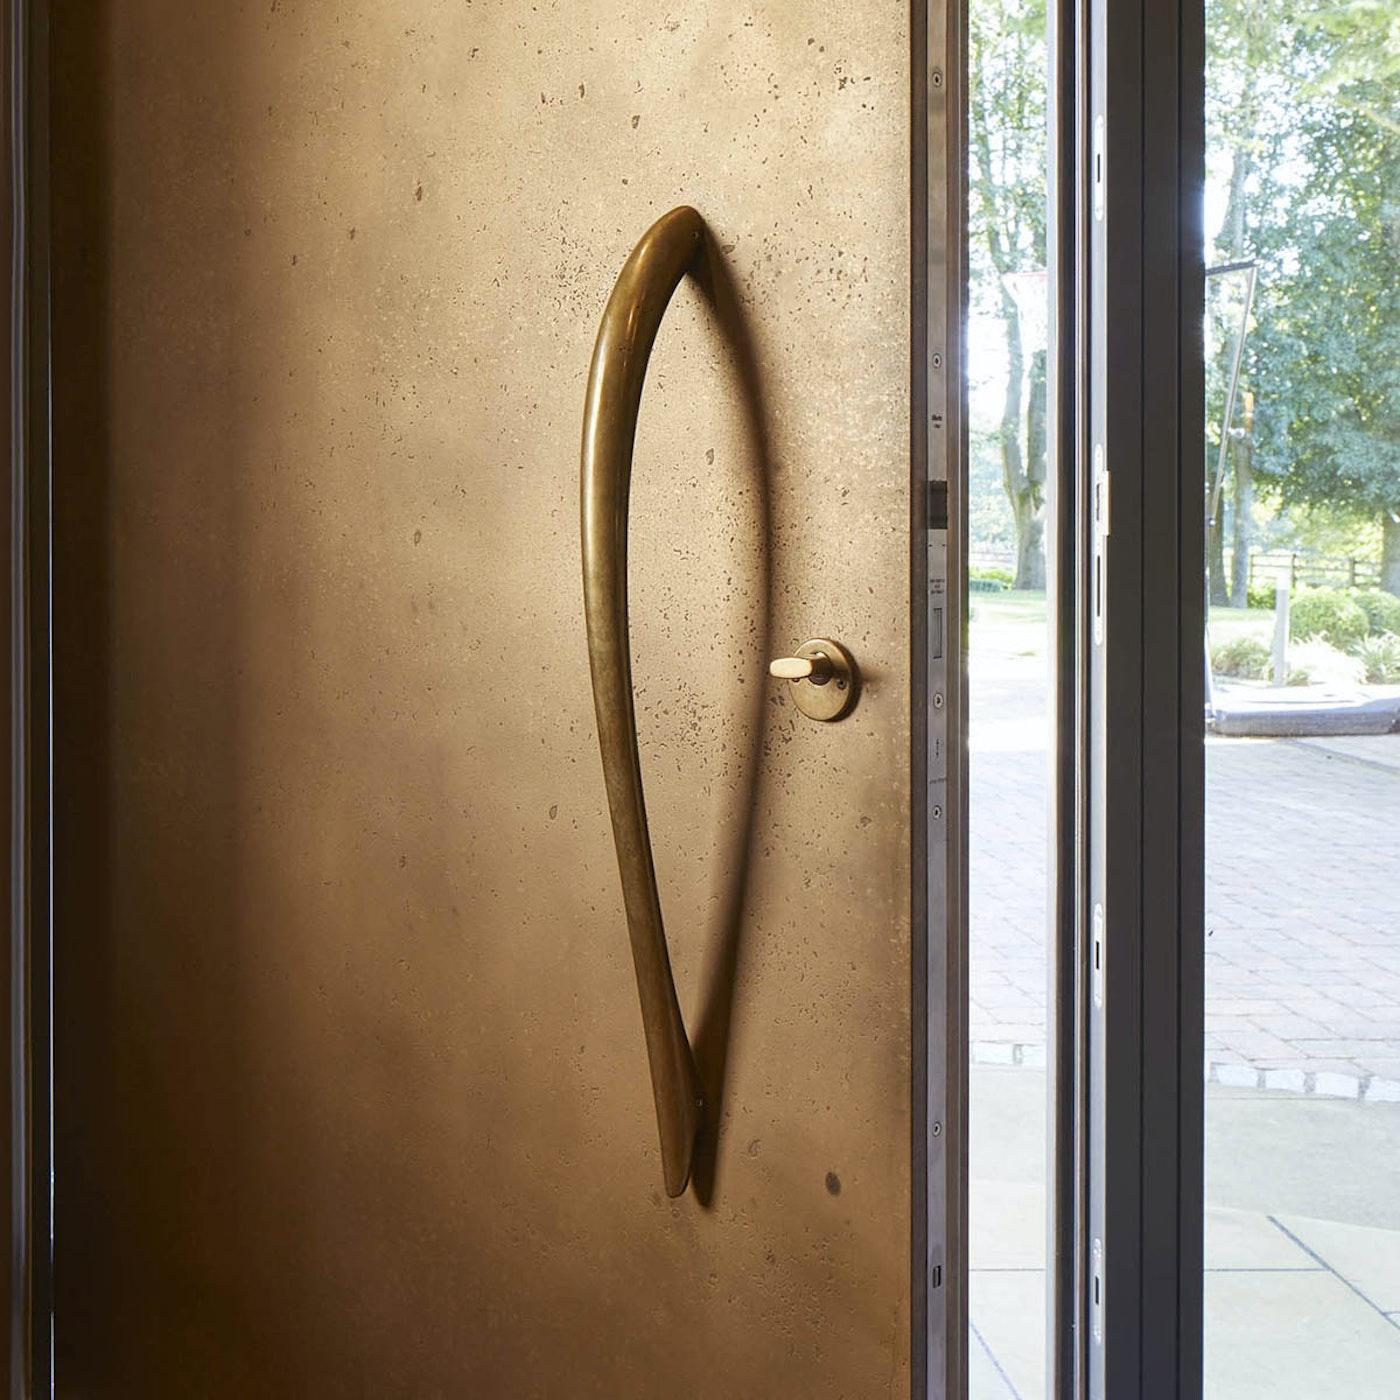 bz4 on door